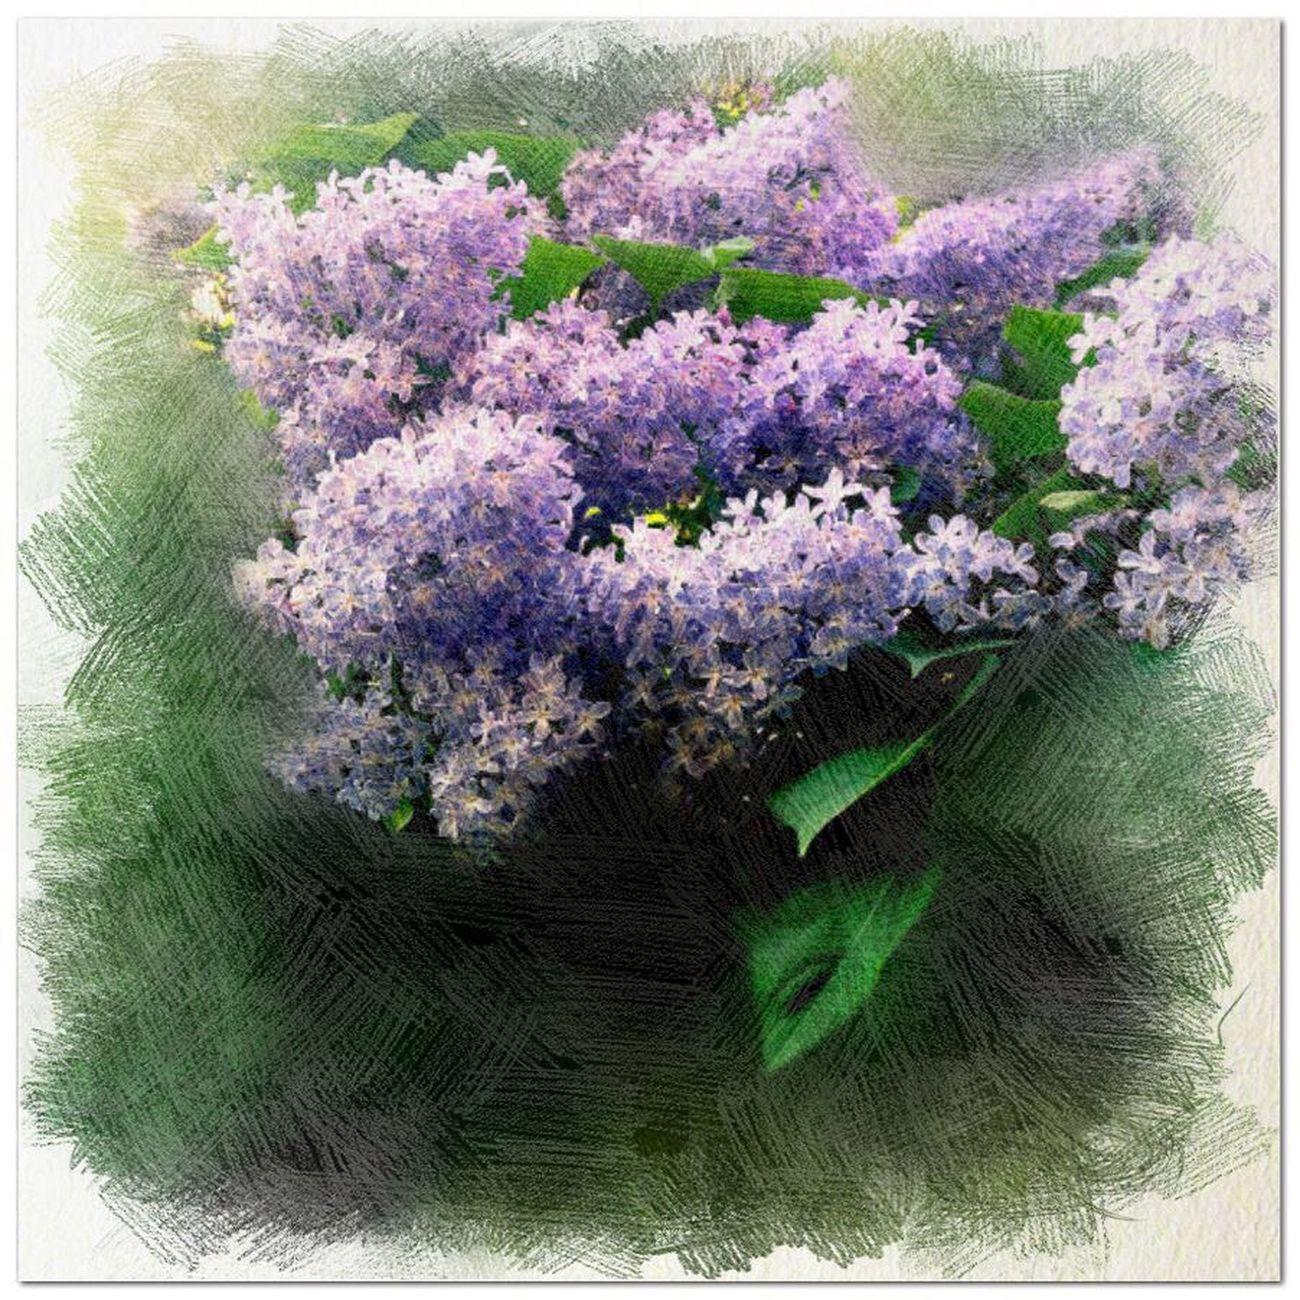 Flowers IPhoneography Photolabpro Peggyshobbies.com Painterly